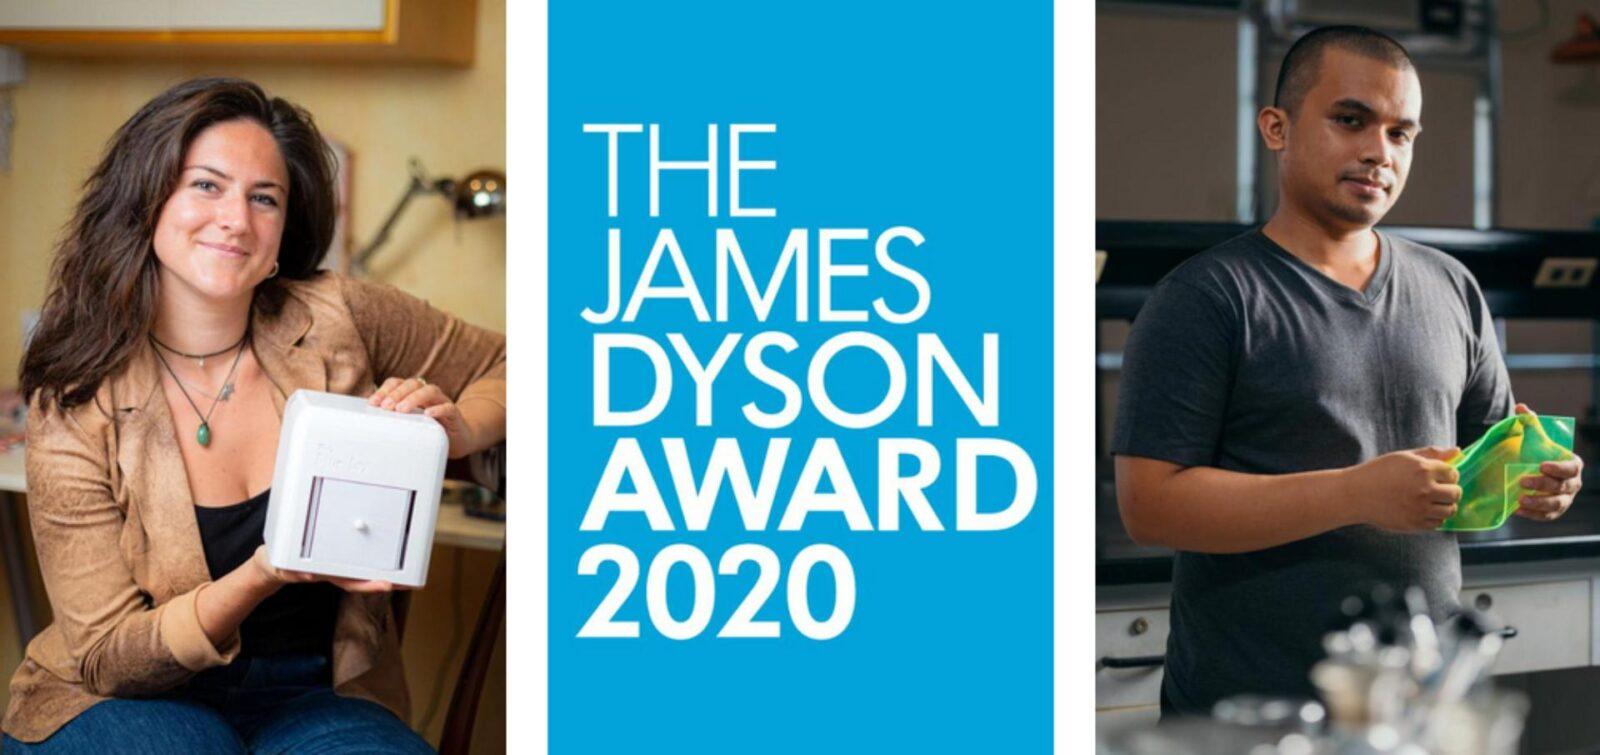 James Dyson Award 2021, sono aperte le iscrizioni